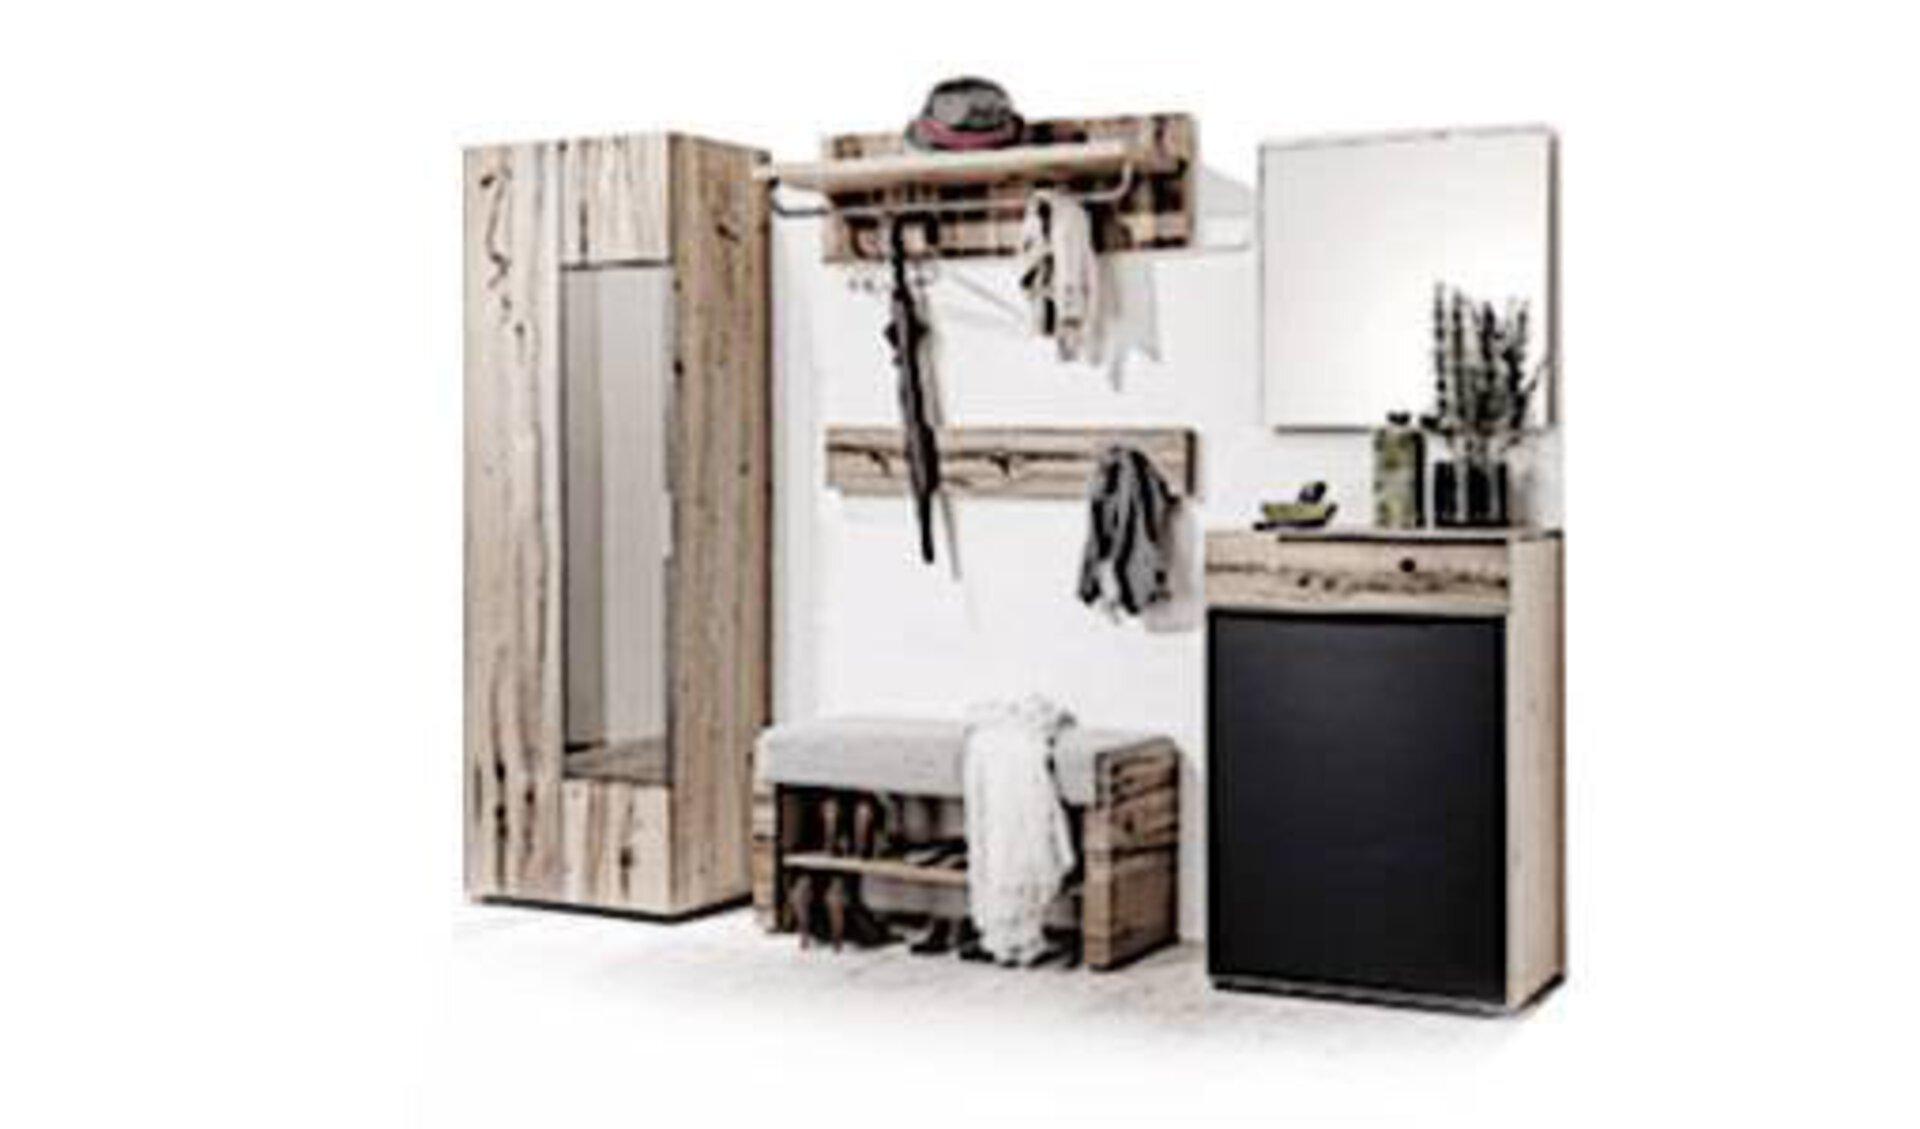 """Stilisierte Garderobe bestehend aus Hochschrank, Schuhschrank, Wandpaneel mit Kleiderhaken, Garderobenspiegel und Bank mit integriertem Schuhregal. Die abgebildete komplette Garderobe steht für alle Möbel innerhalb der Produktwelt """"Flur und Garderobe""""."""